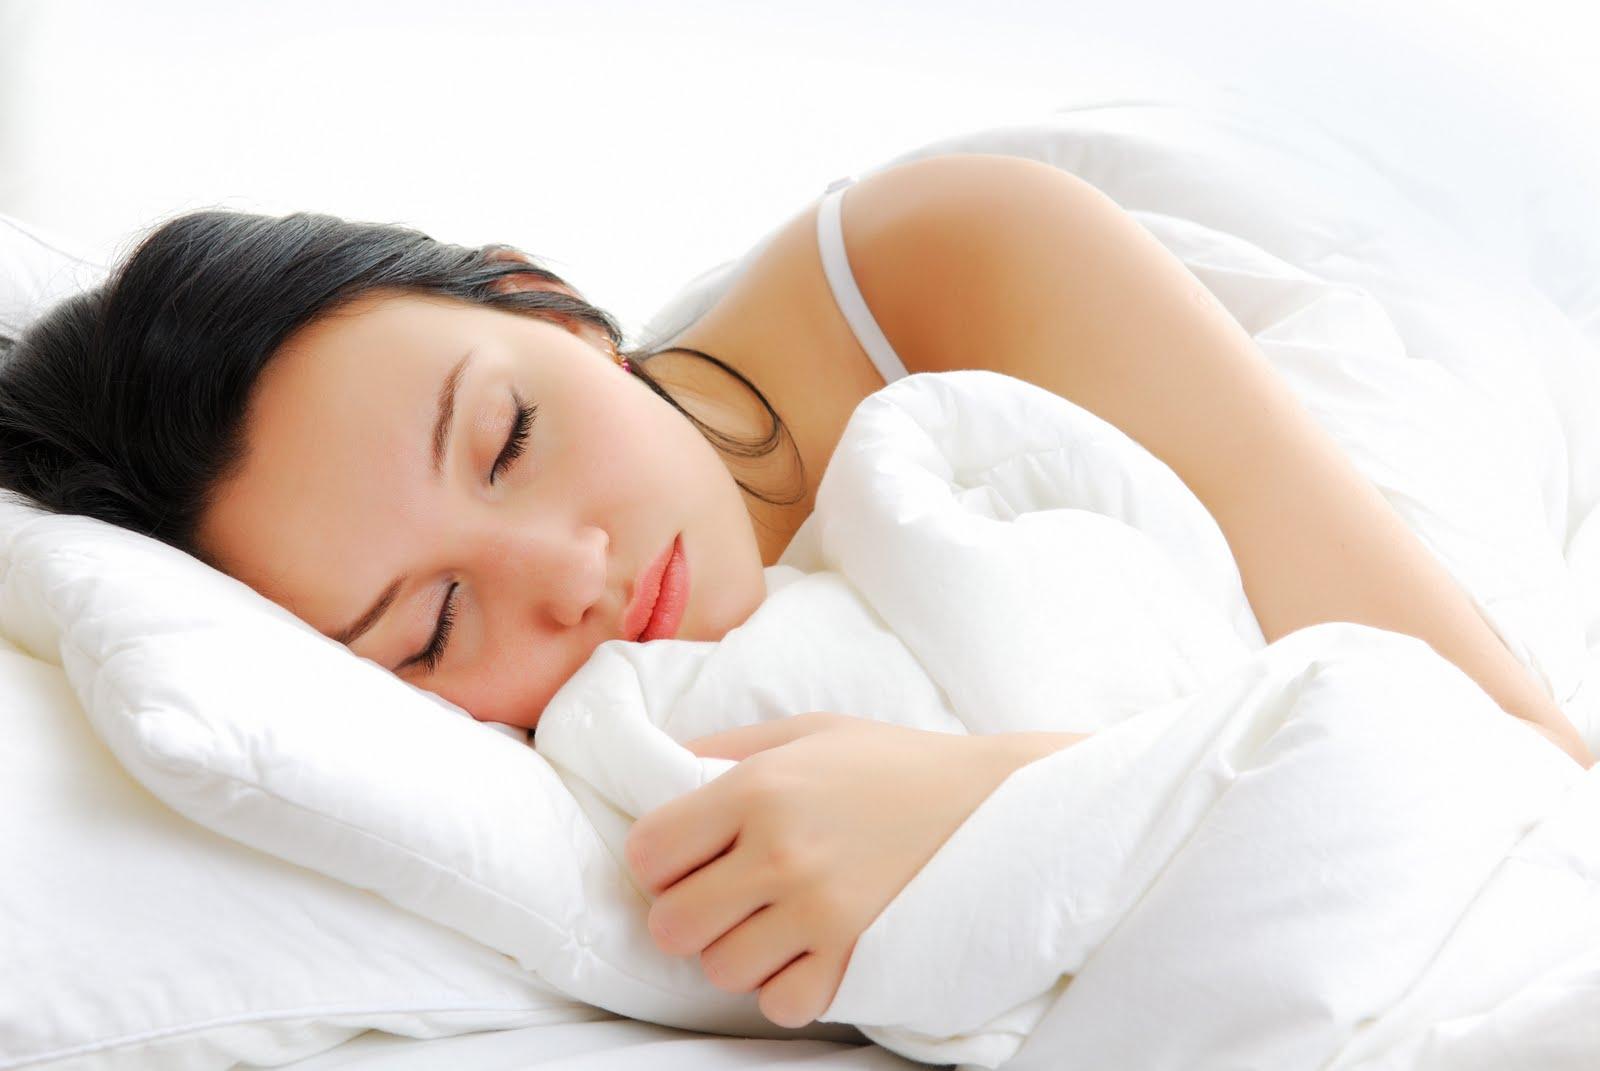 467-mujer-durmiendo-control-mental-el-secreto-ley-de-atraccion-positiva